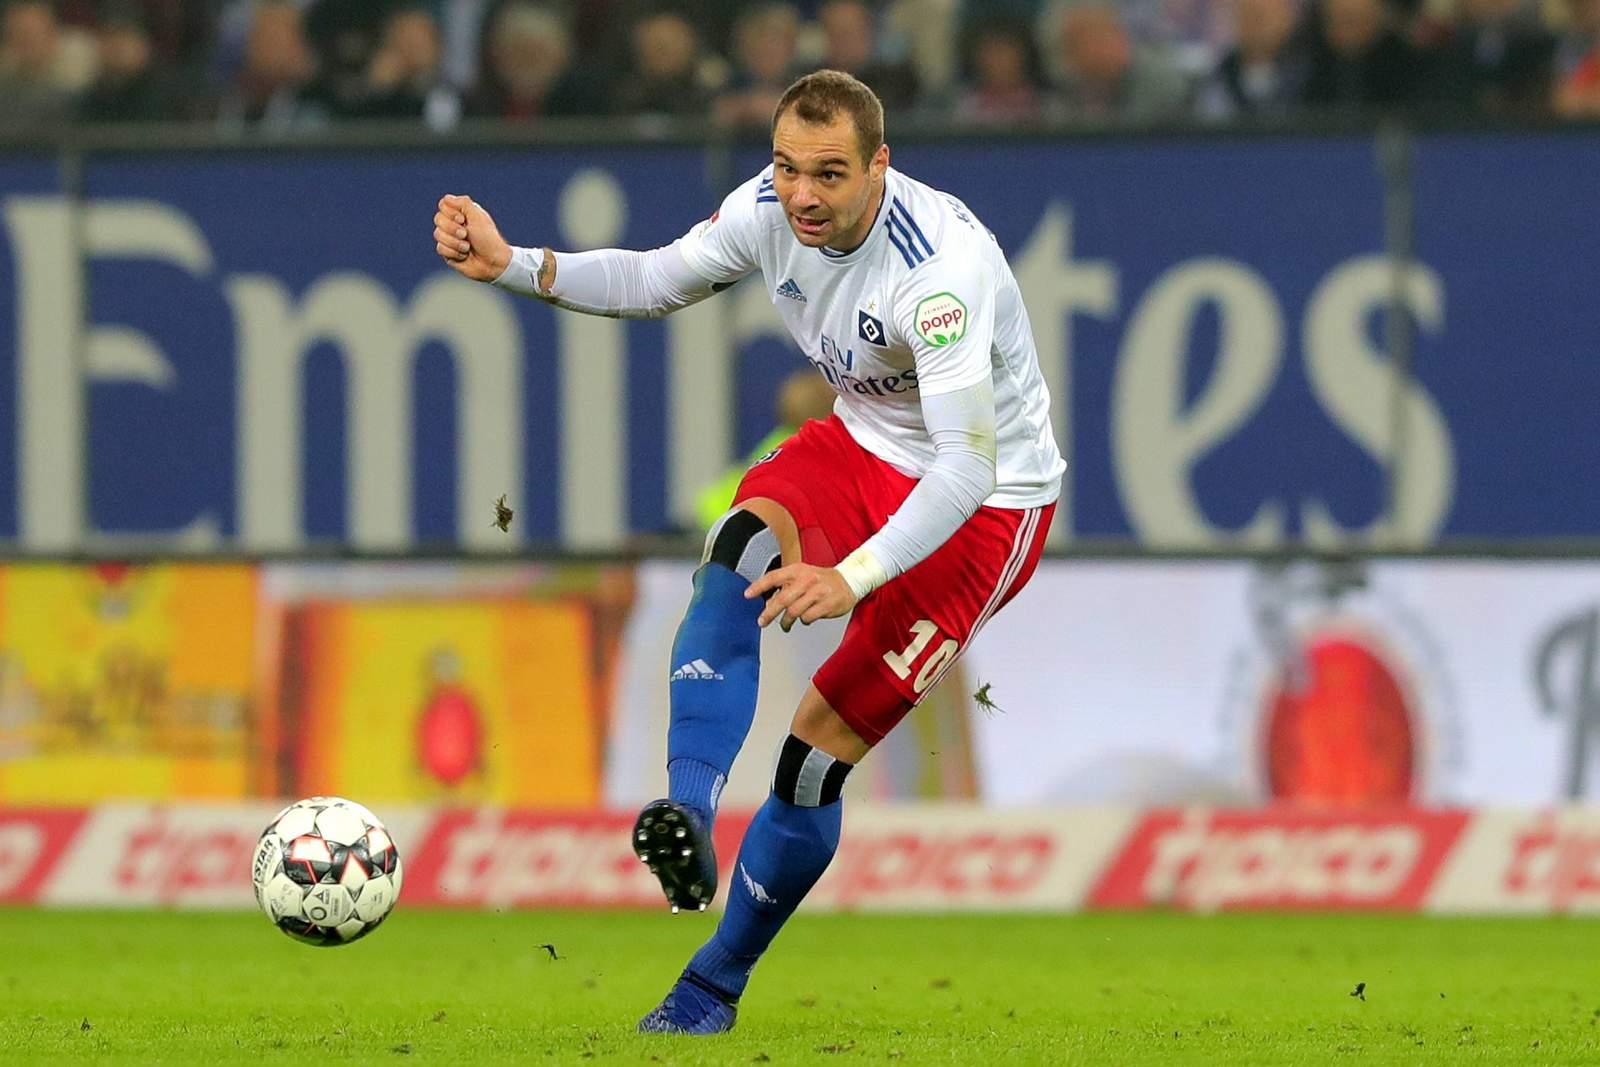 Pierre-Michel ist mit sieben Treffer der erfolgreichste Torjäger der Rothosen